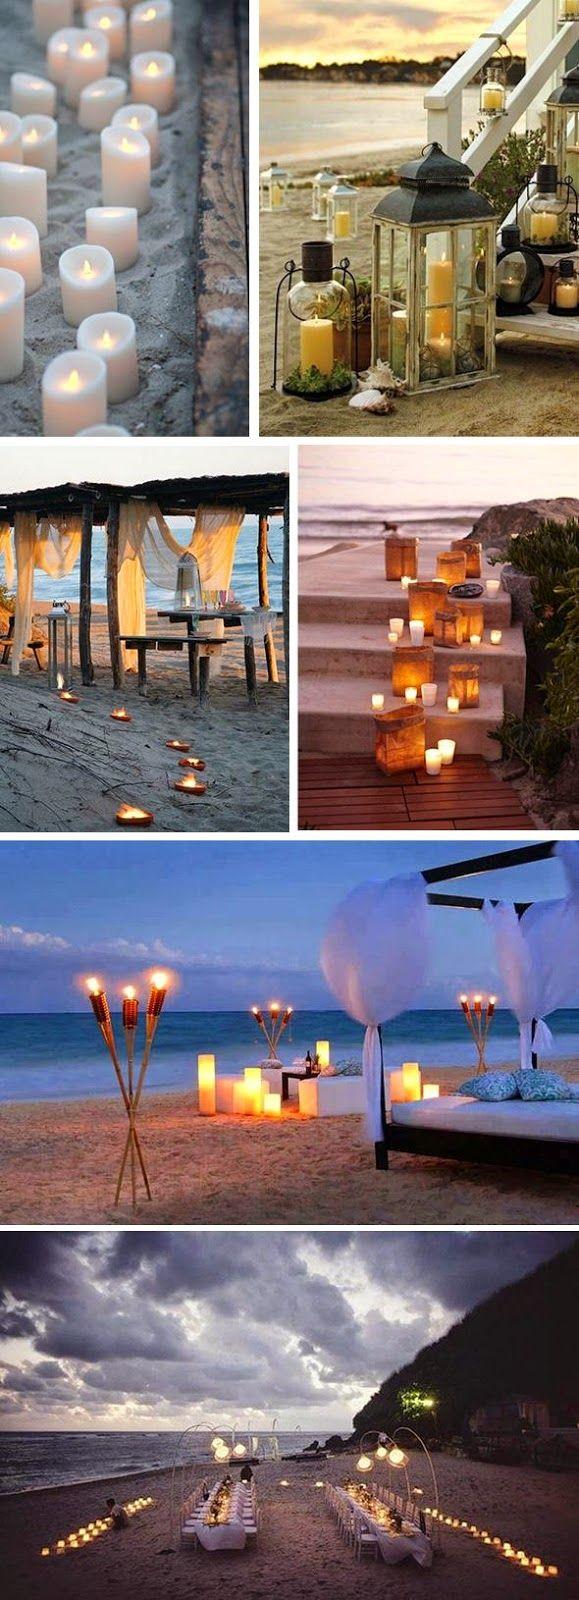 Haz que tus invitados se sientan como en Ibiza con esta bonita idea. #fiestaibicenca